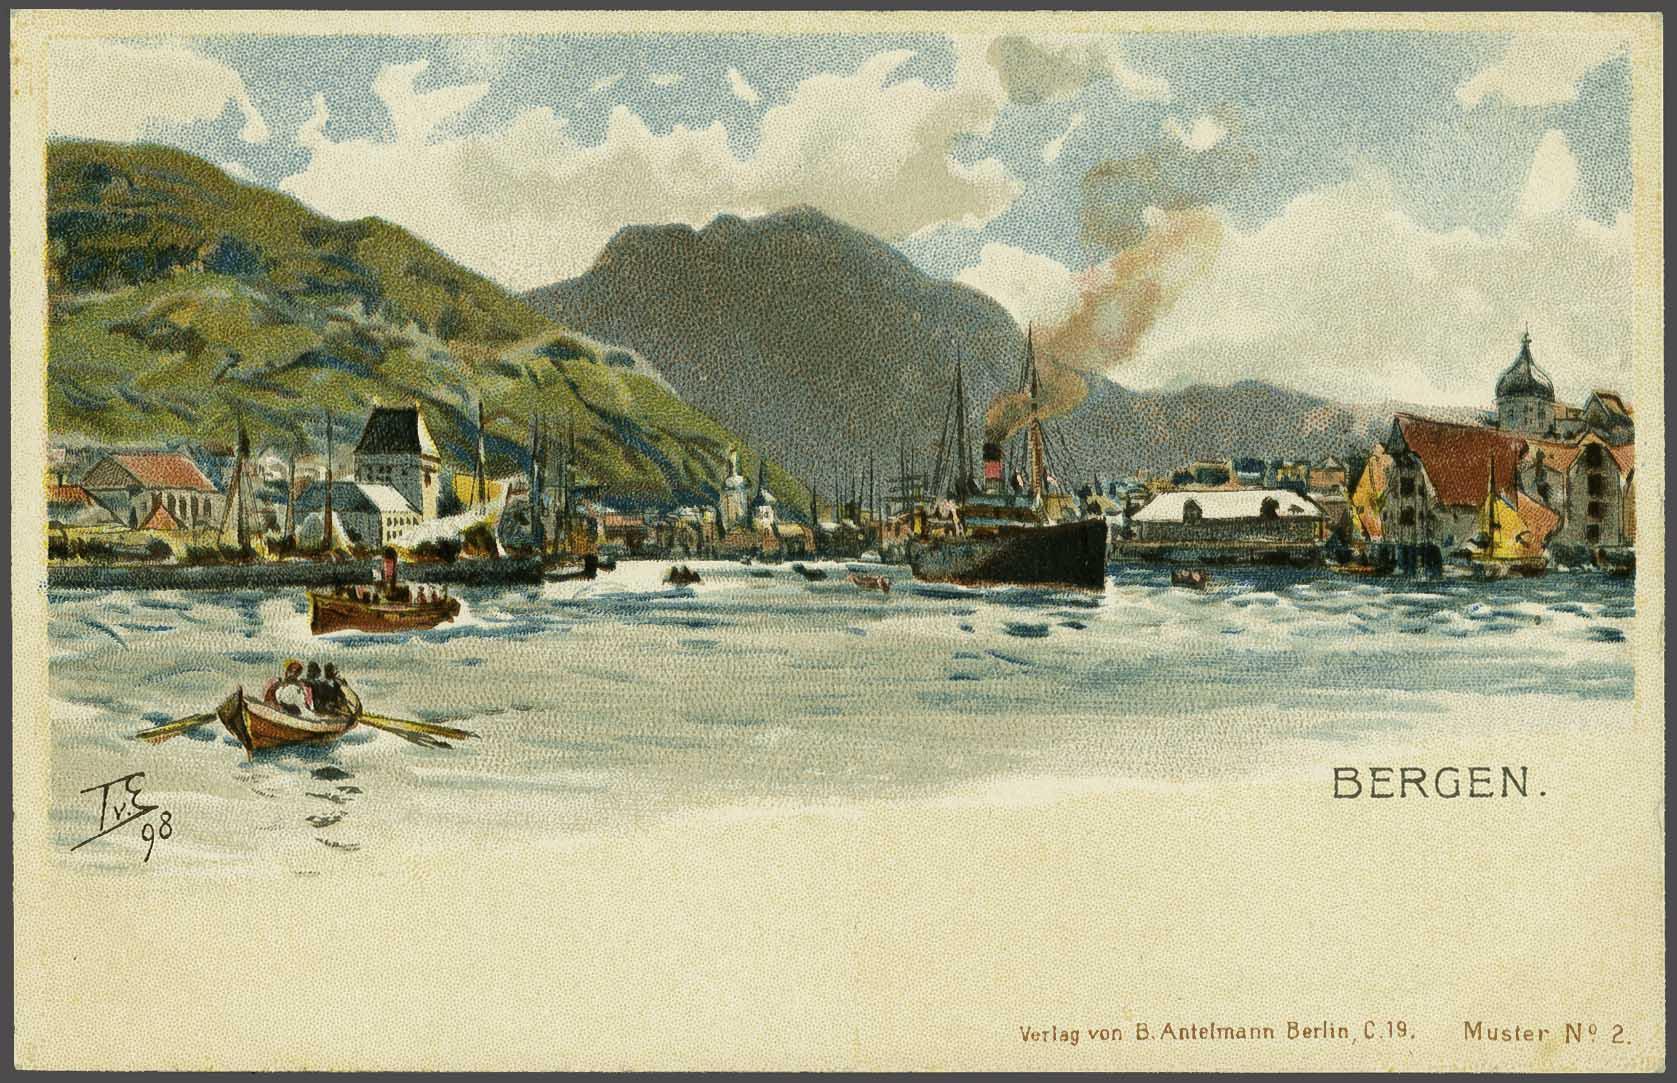 Lot 1868 - scandinavia Norway -  Corinphila veilingen Auction 234: Coins and picture postcard auction